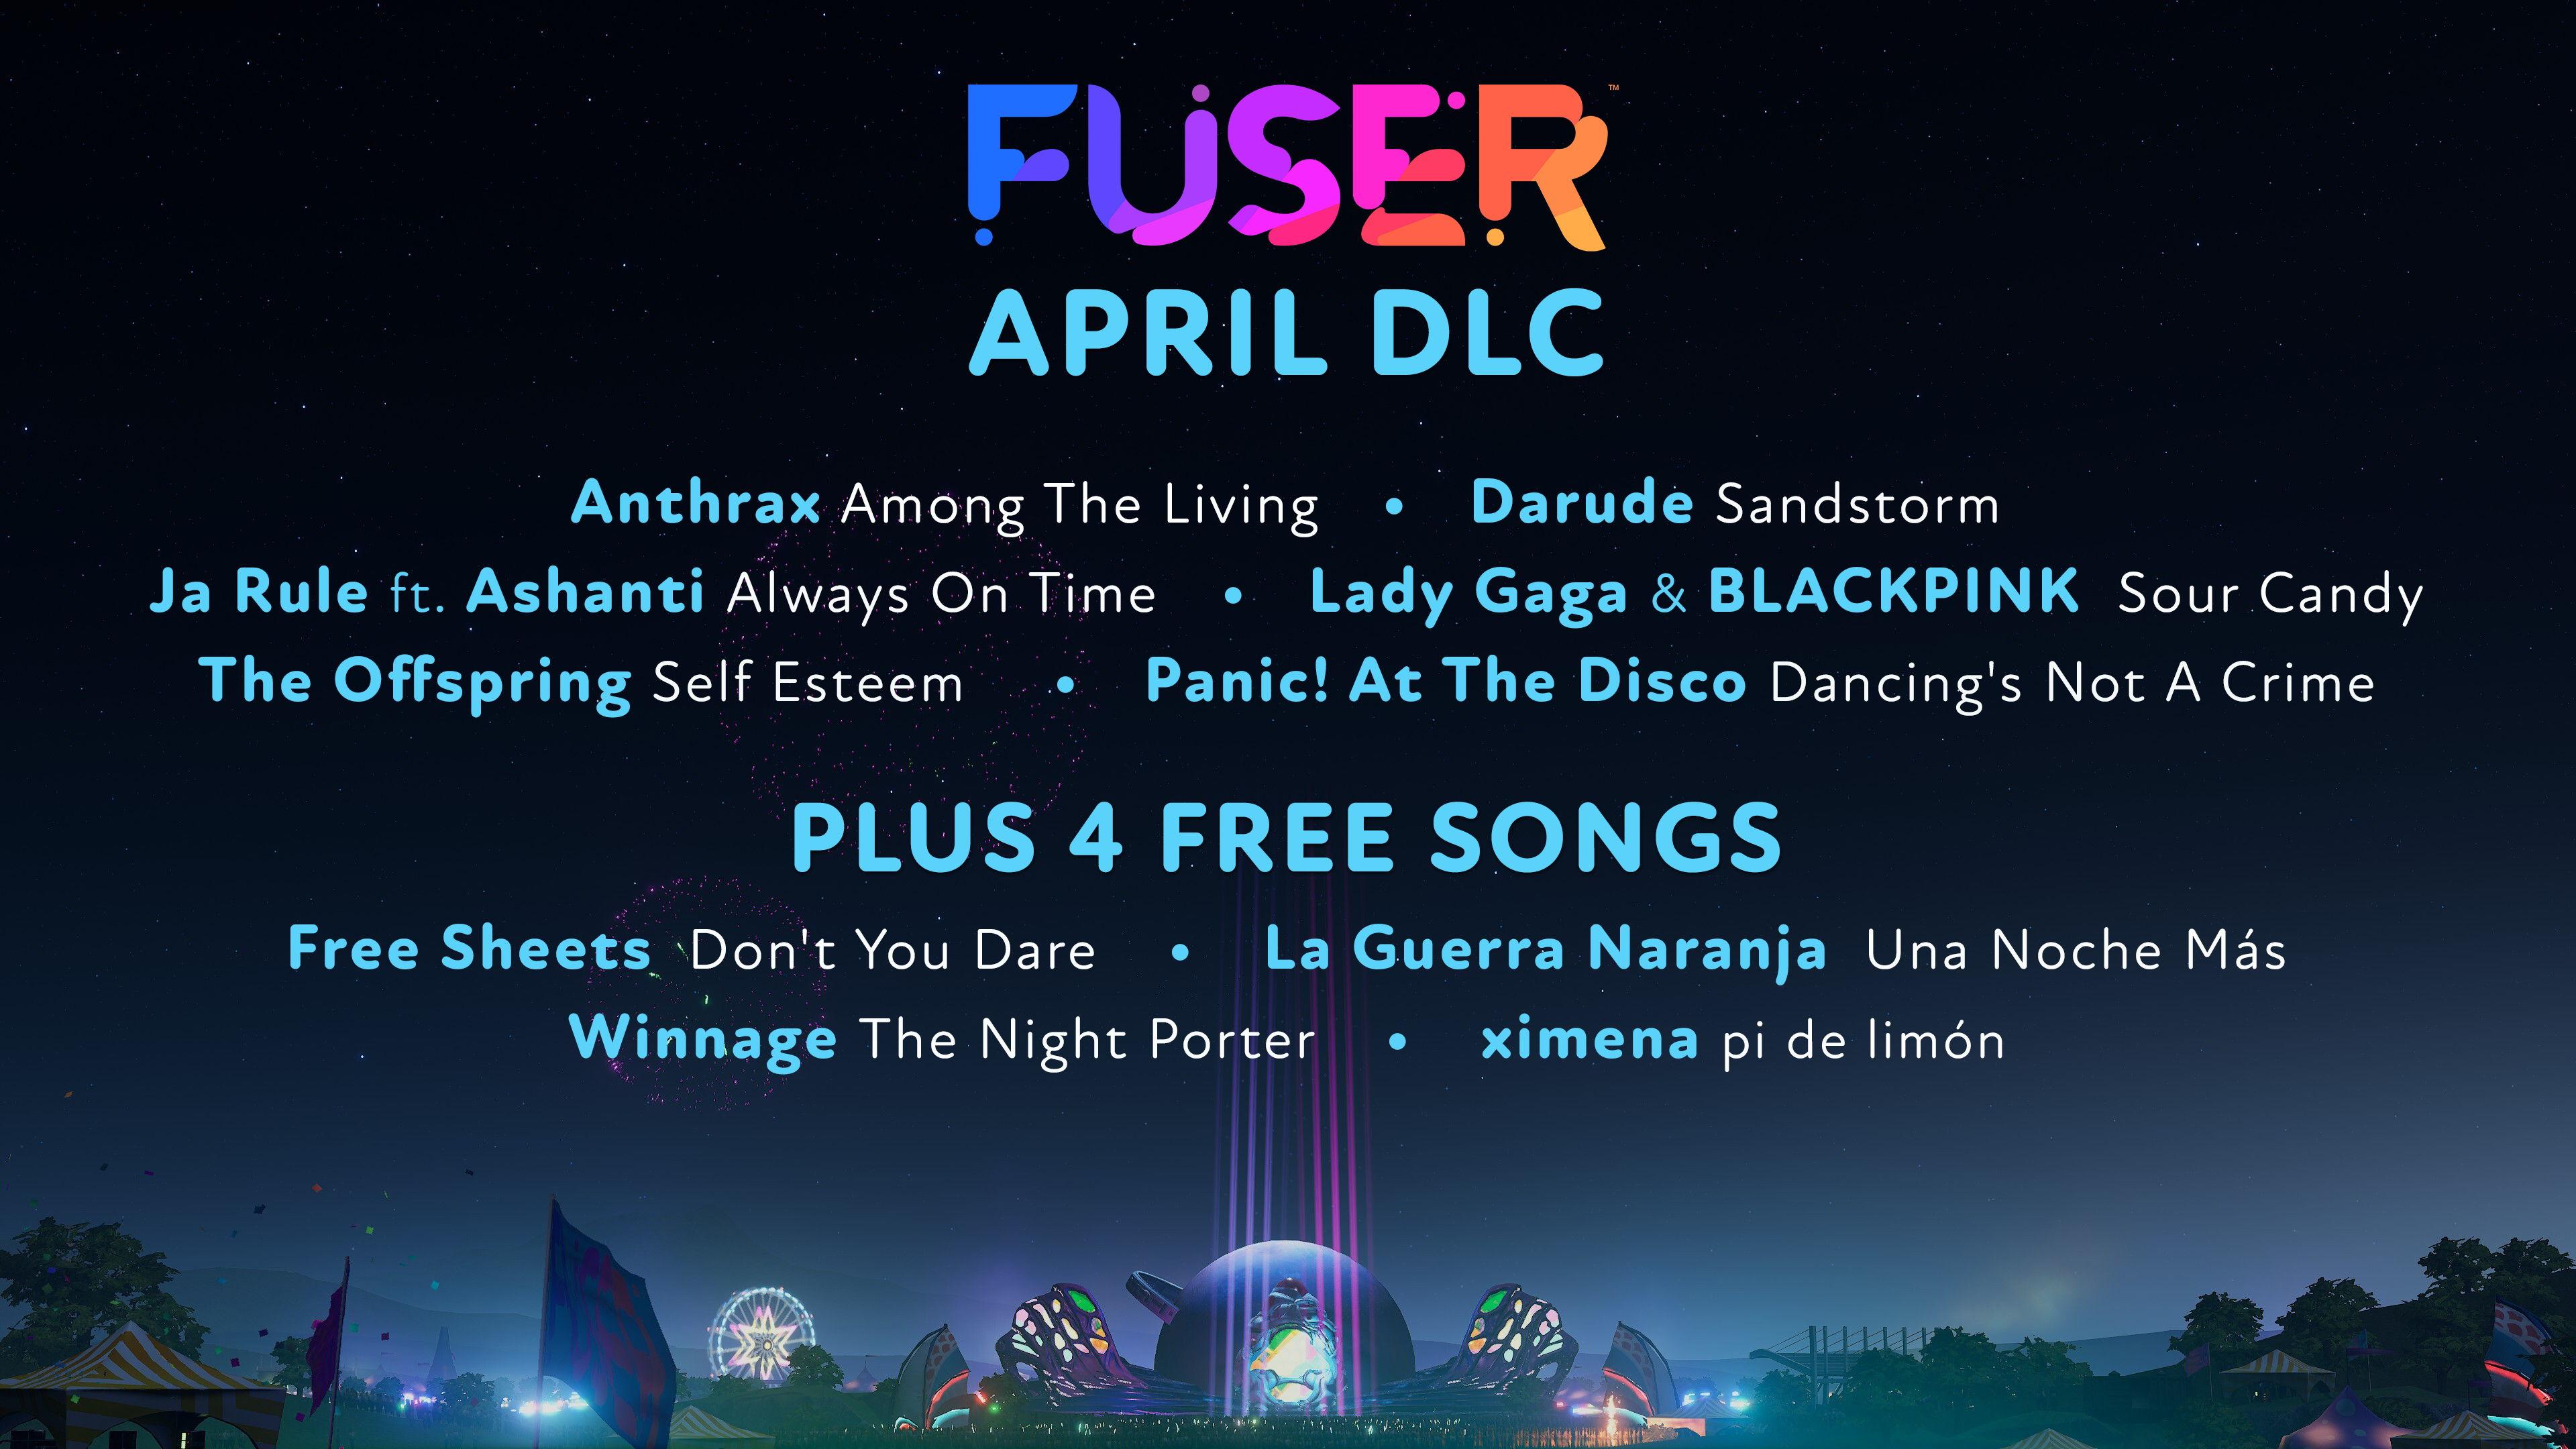 Dix nouveaux morceaux feront leur apparition au mois d'avril, dont quatre entièrement gratuits.